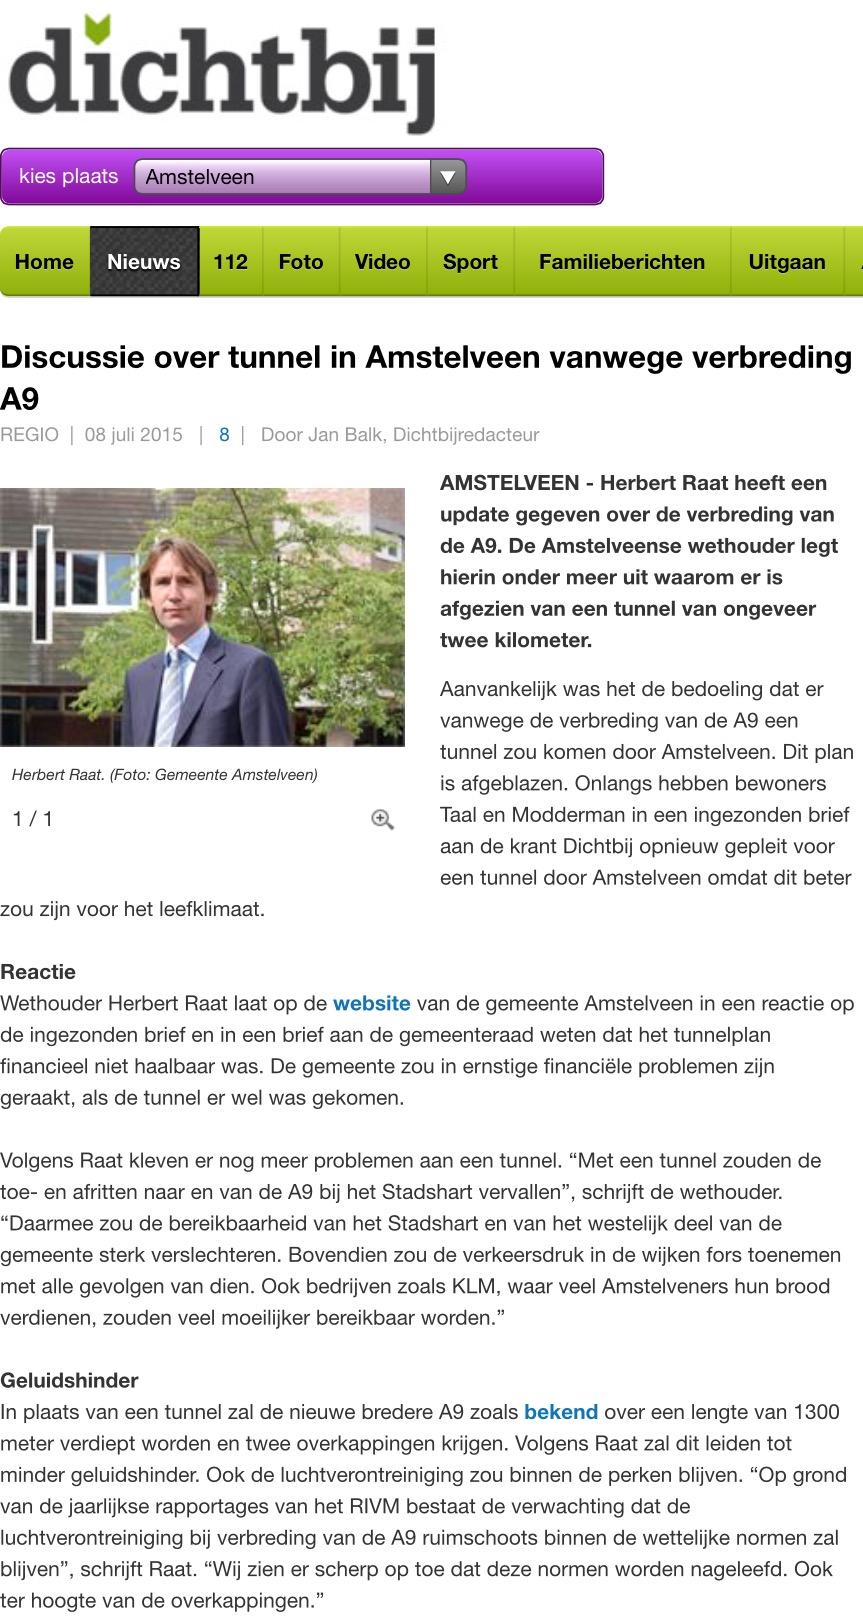 2015-8 juli Amstelveendichtbij A9